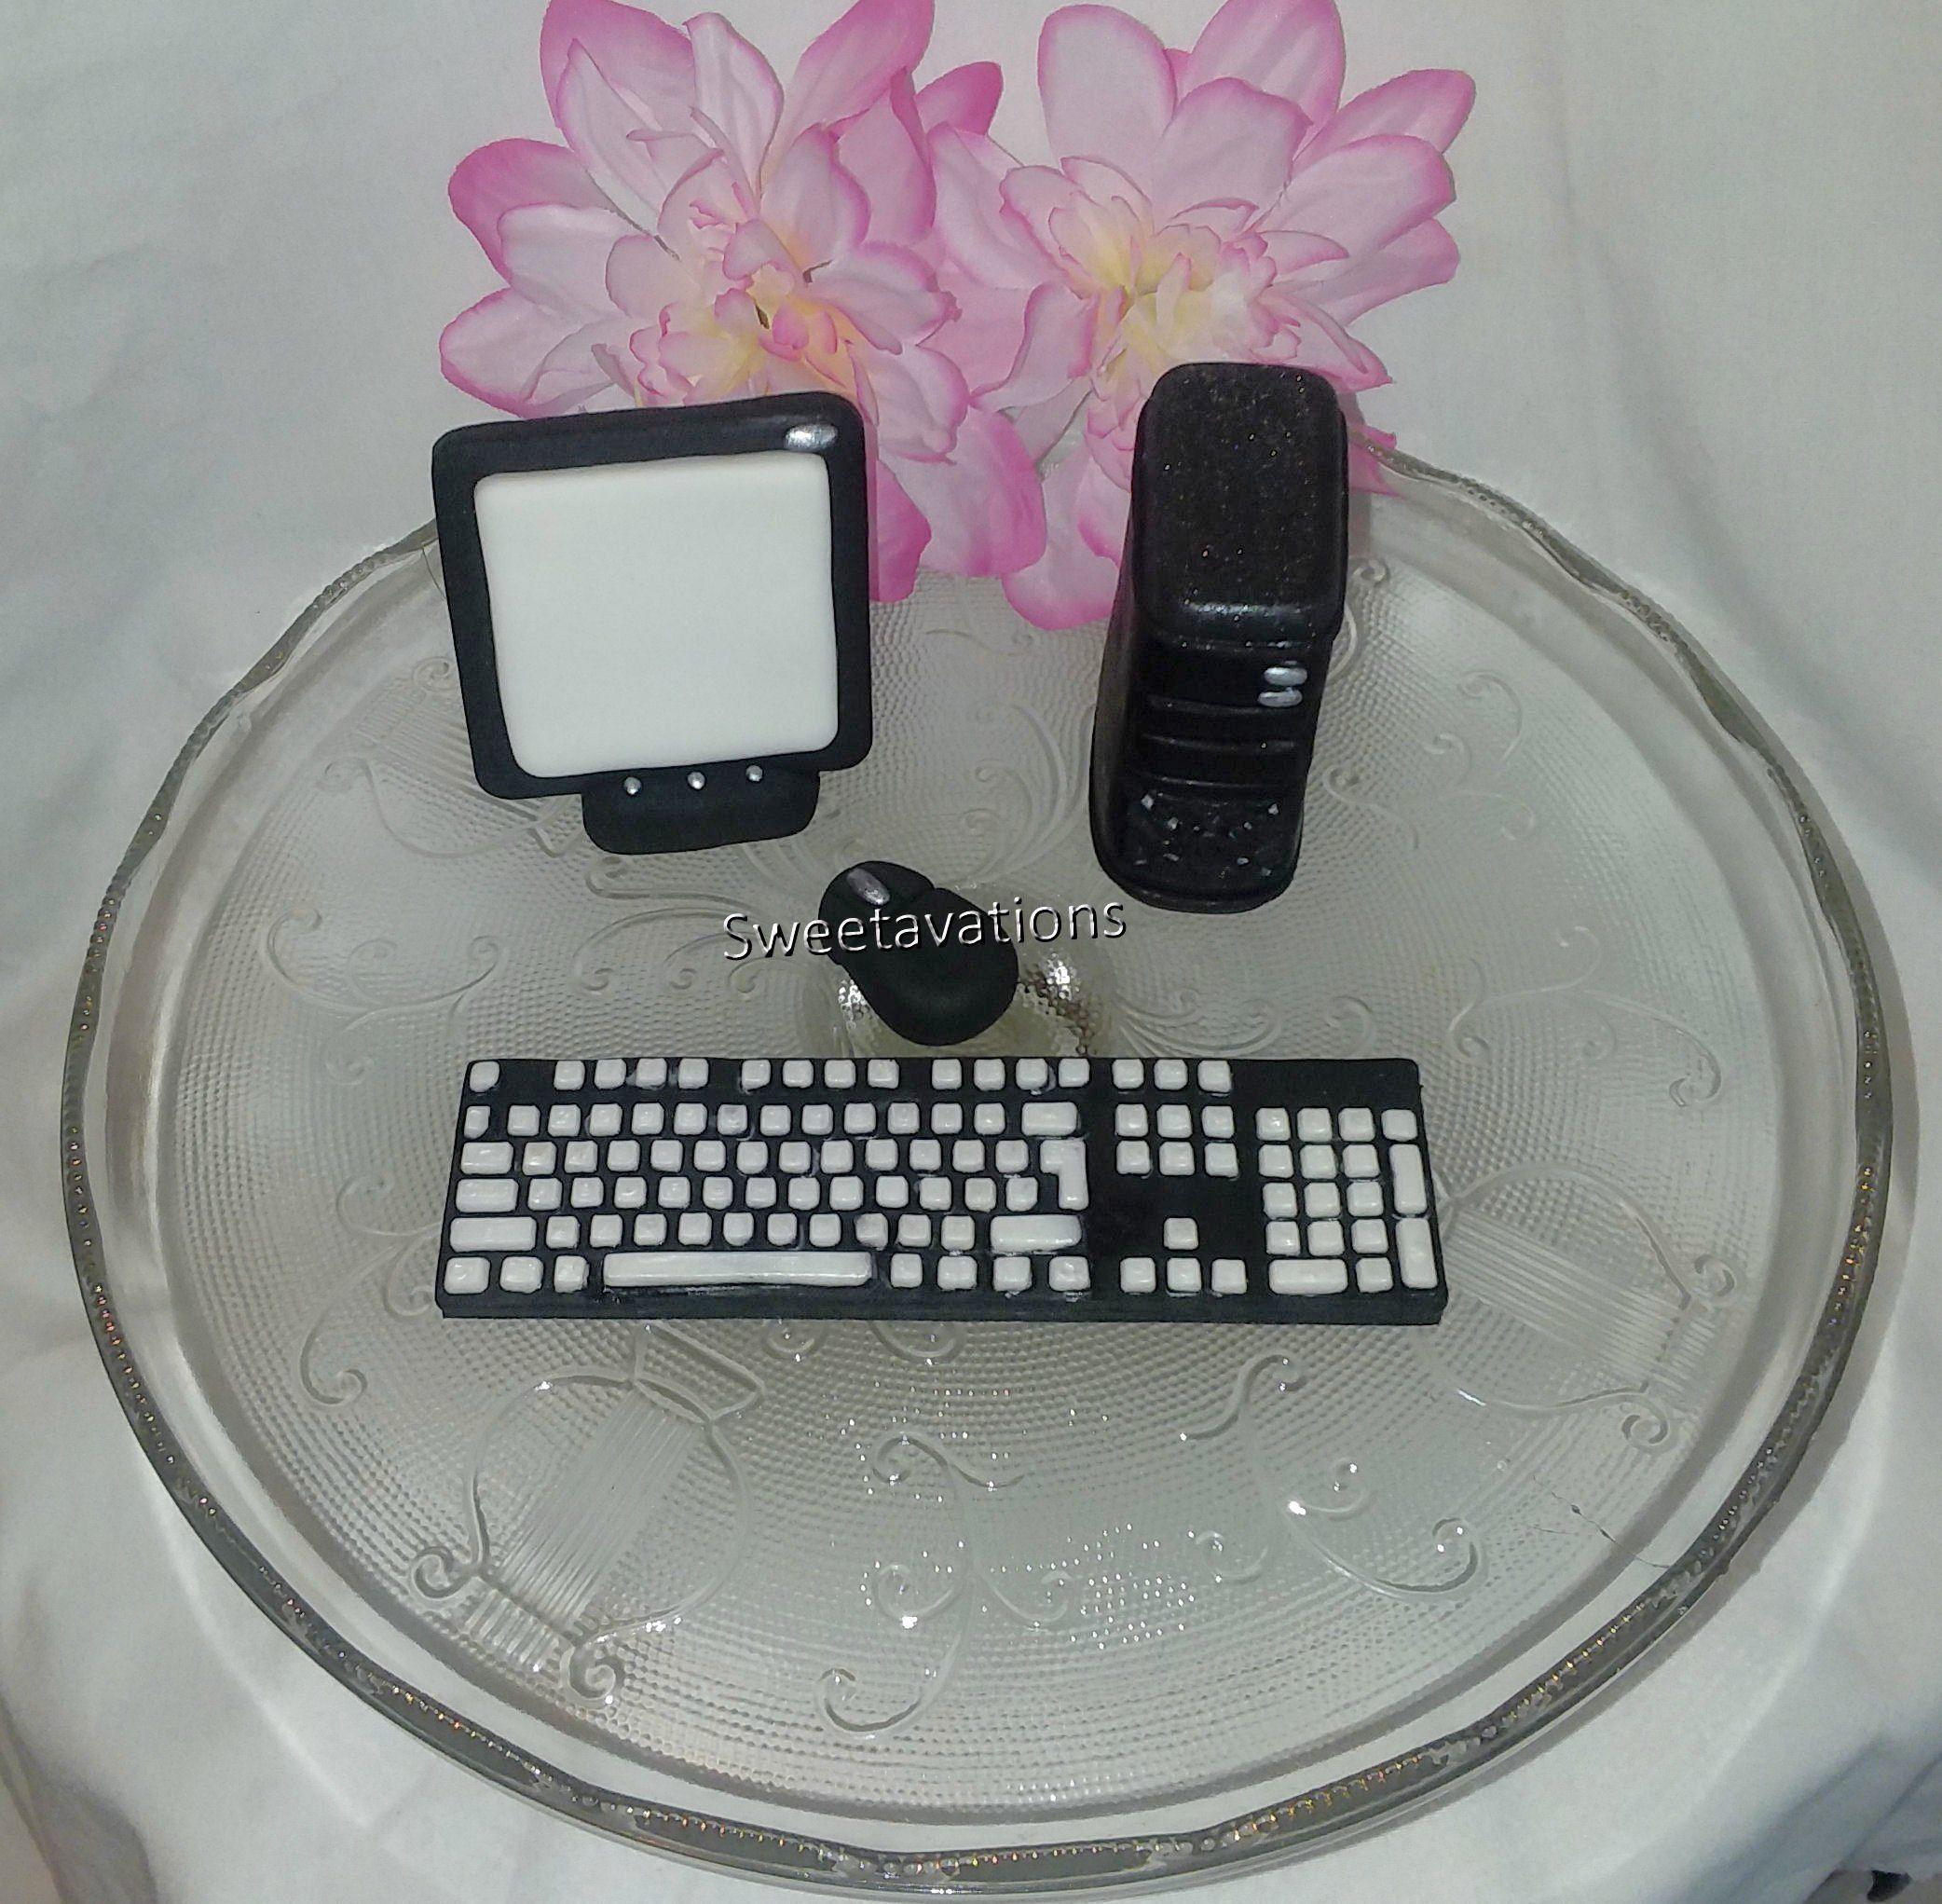 Fondant Computer Cake Topper - Fondant Laptop - Fondant